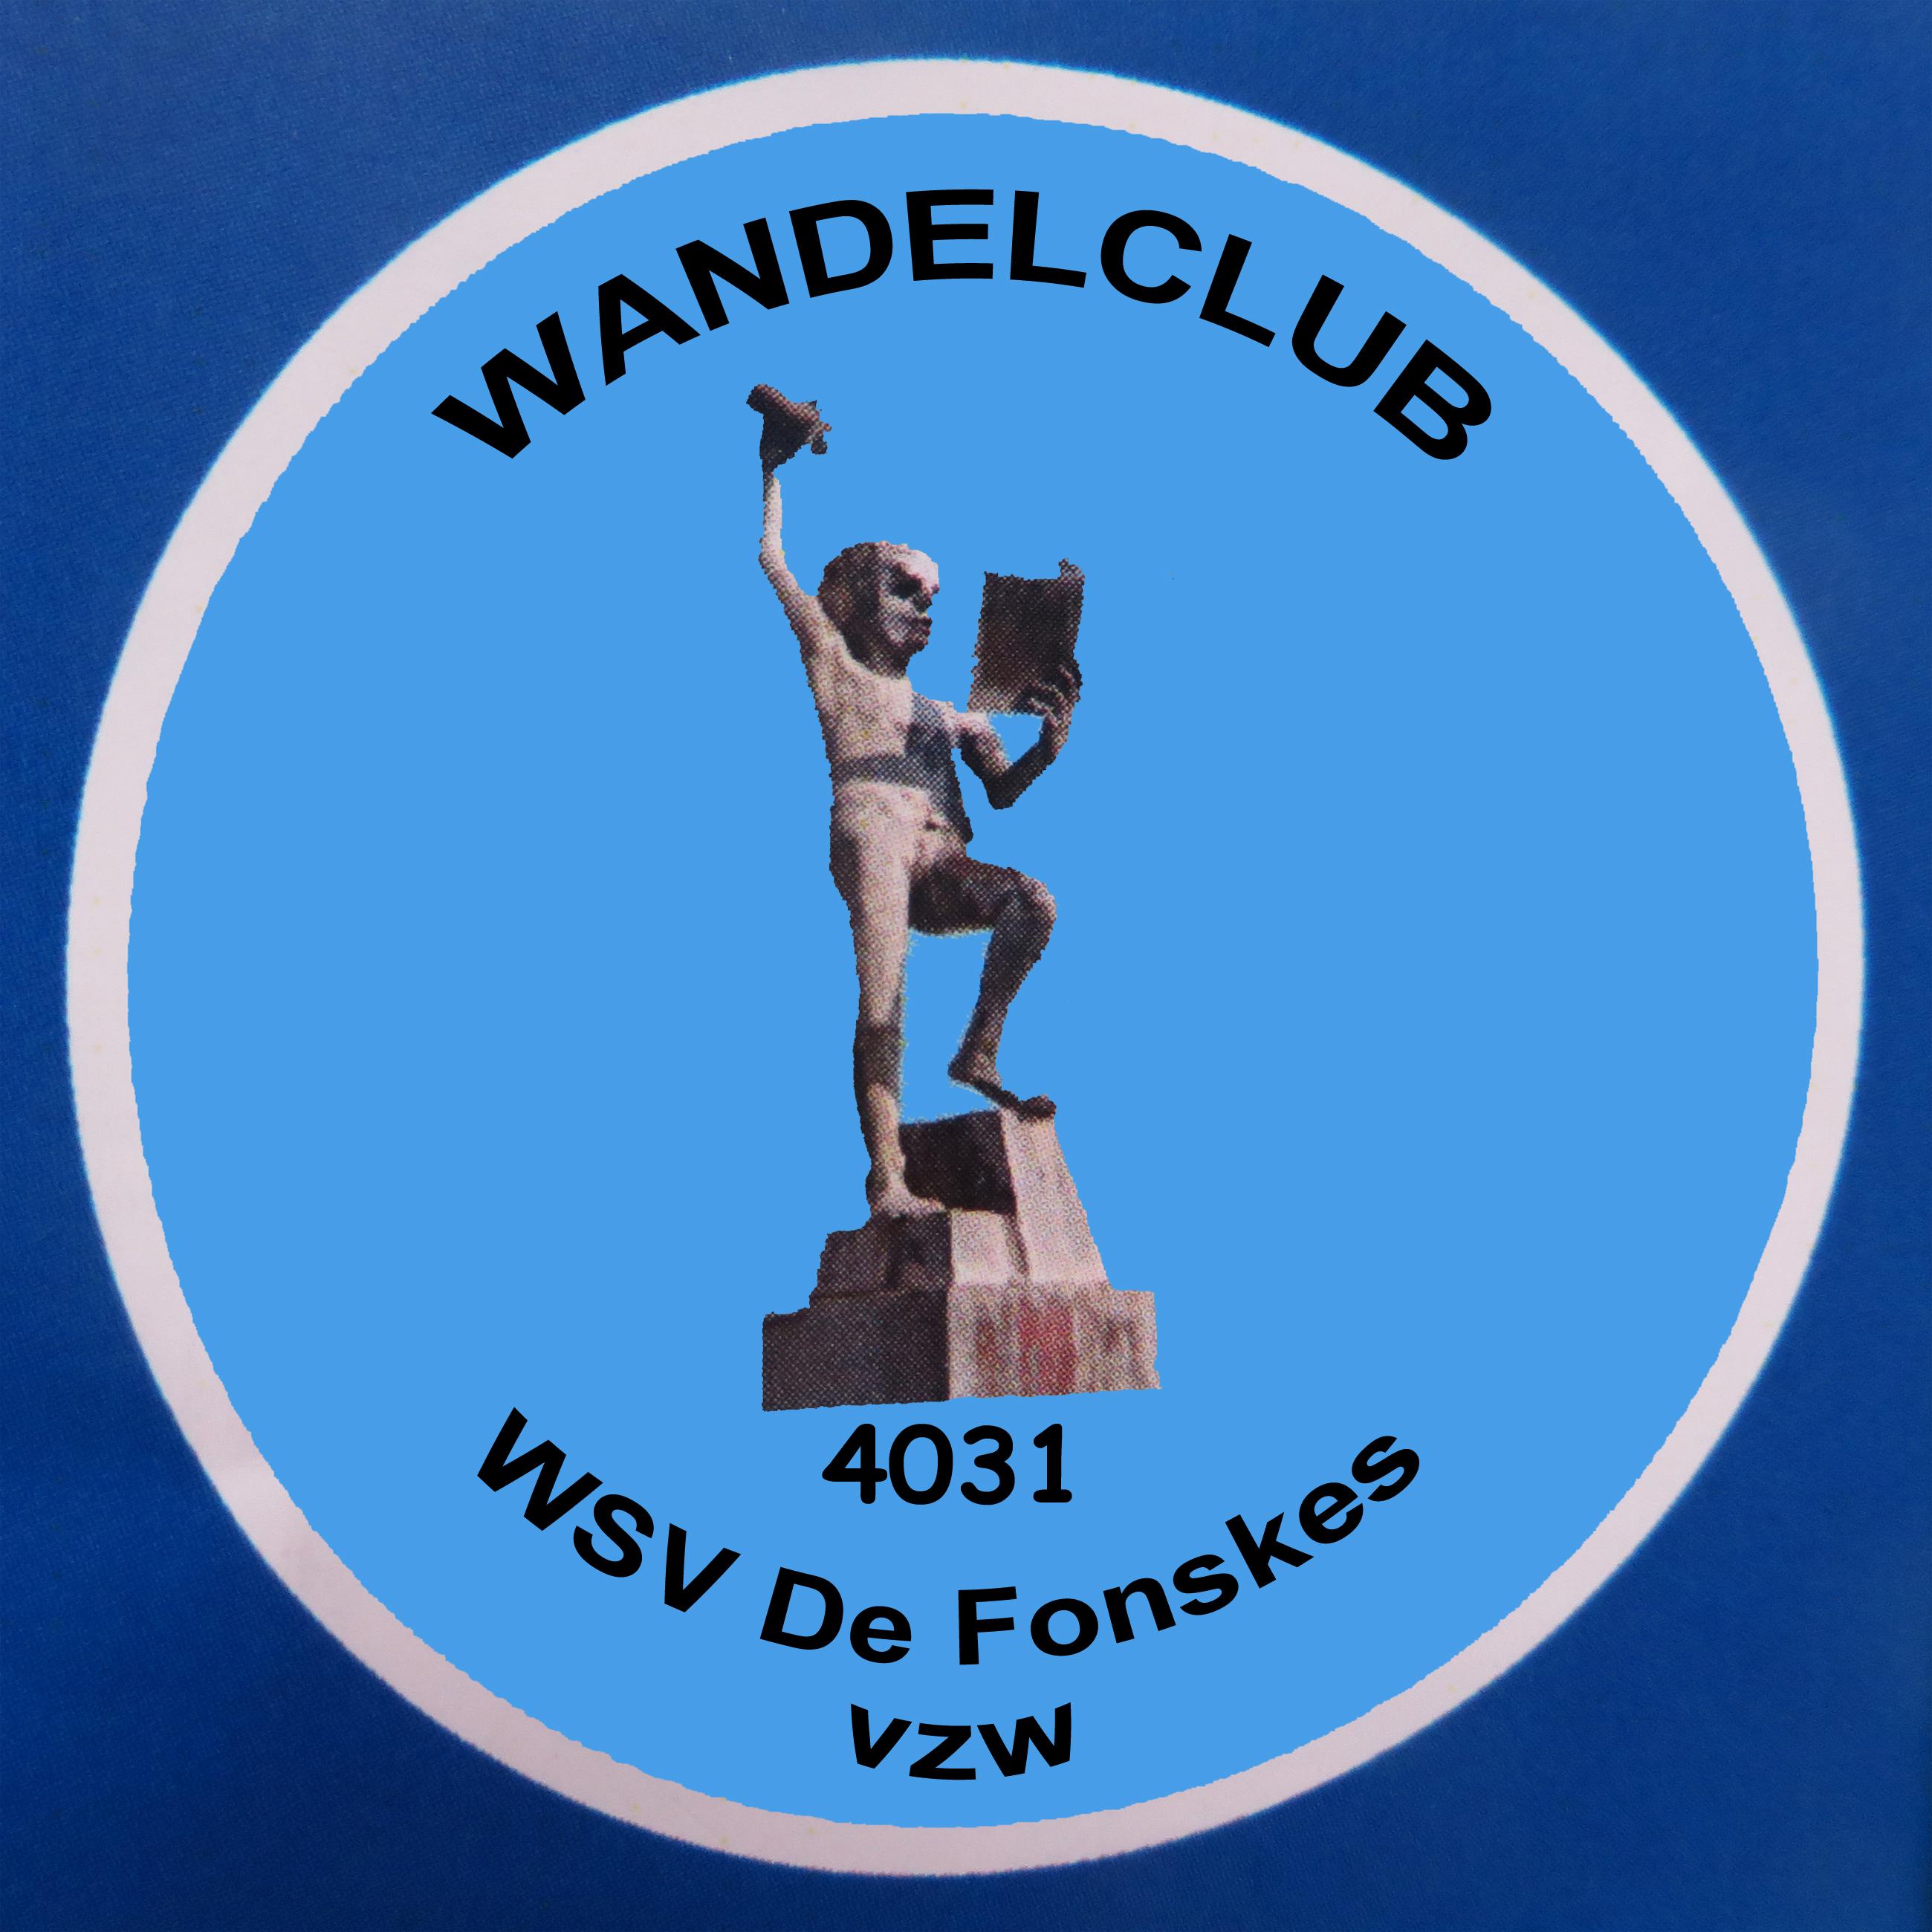 WSV De Fonskes vzw